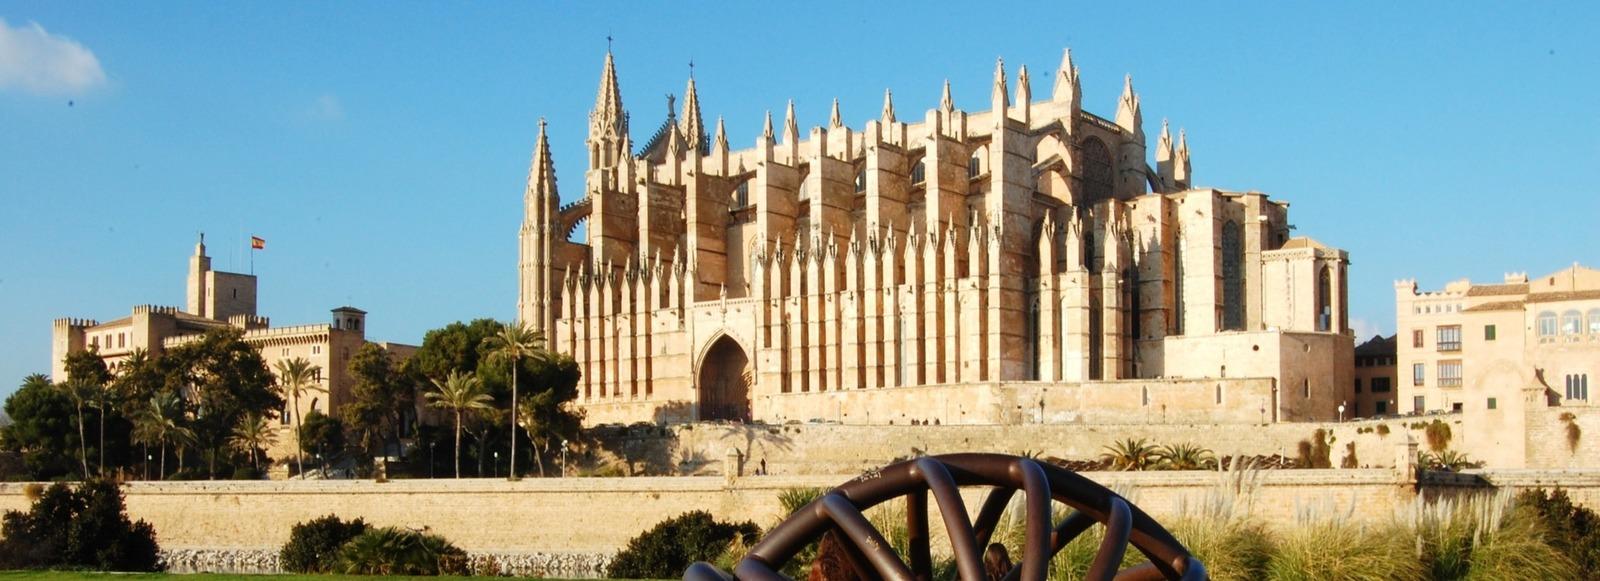 La Capital Europea del Turismo Inteligente puede ser española: Valencia, Málaga o Palma